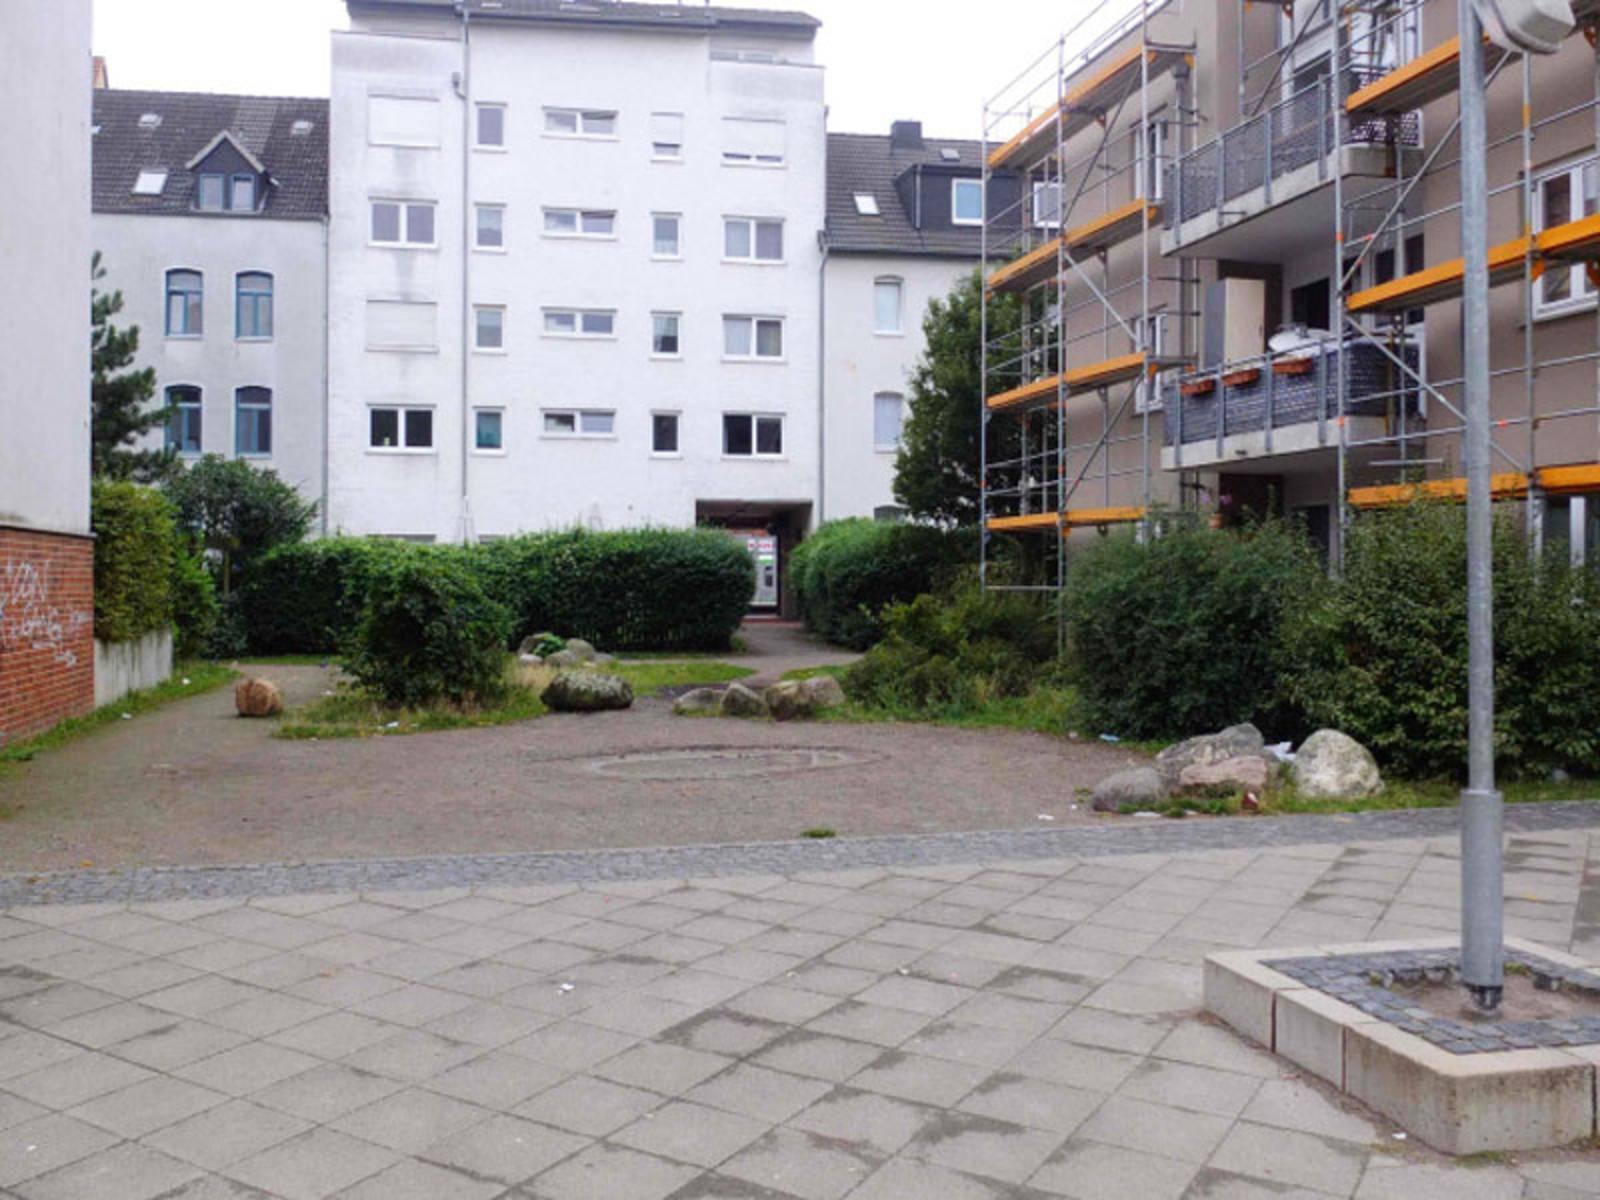 Leere Spielplatzfläche zwischen Häusern